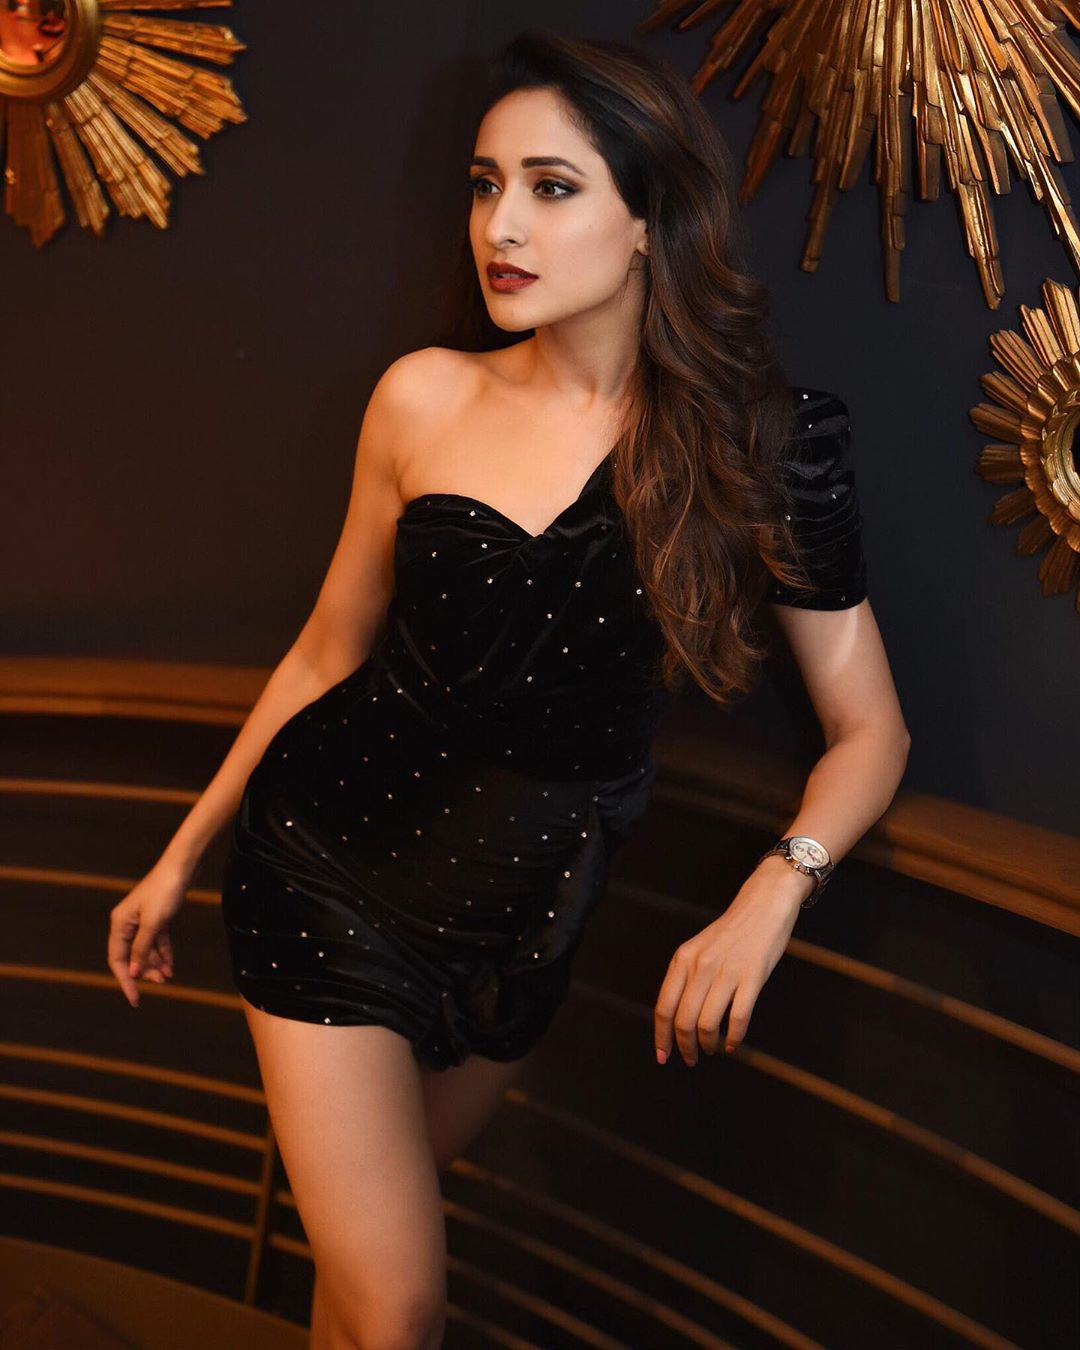 Telugu Pragya Jaiswal, Pragya Jaiswal Actress, Pragya Jaiswal Hot Images, Pragya Jaiswal Stills